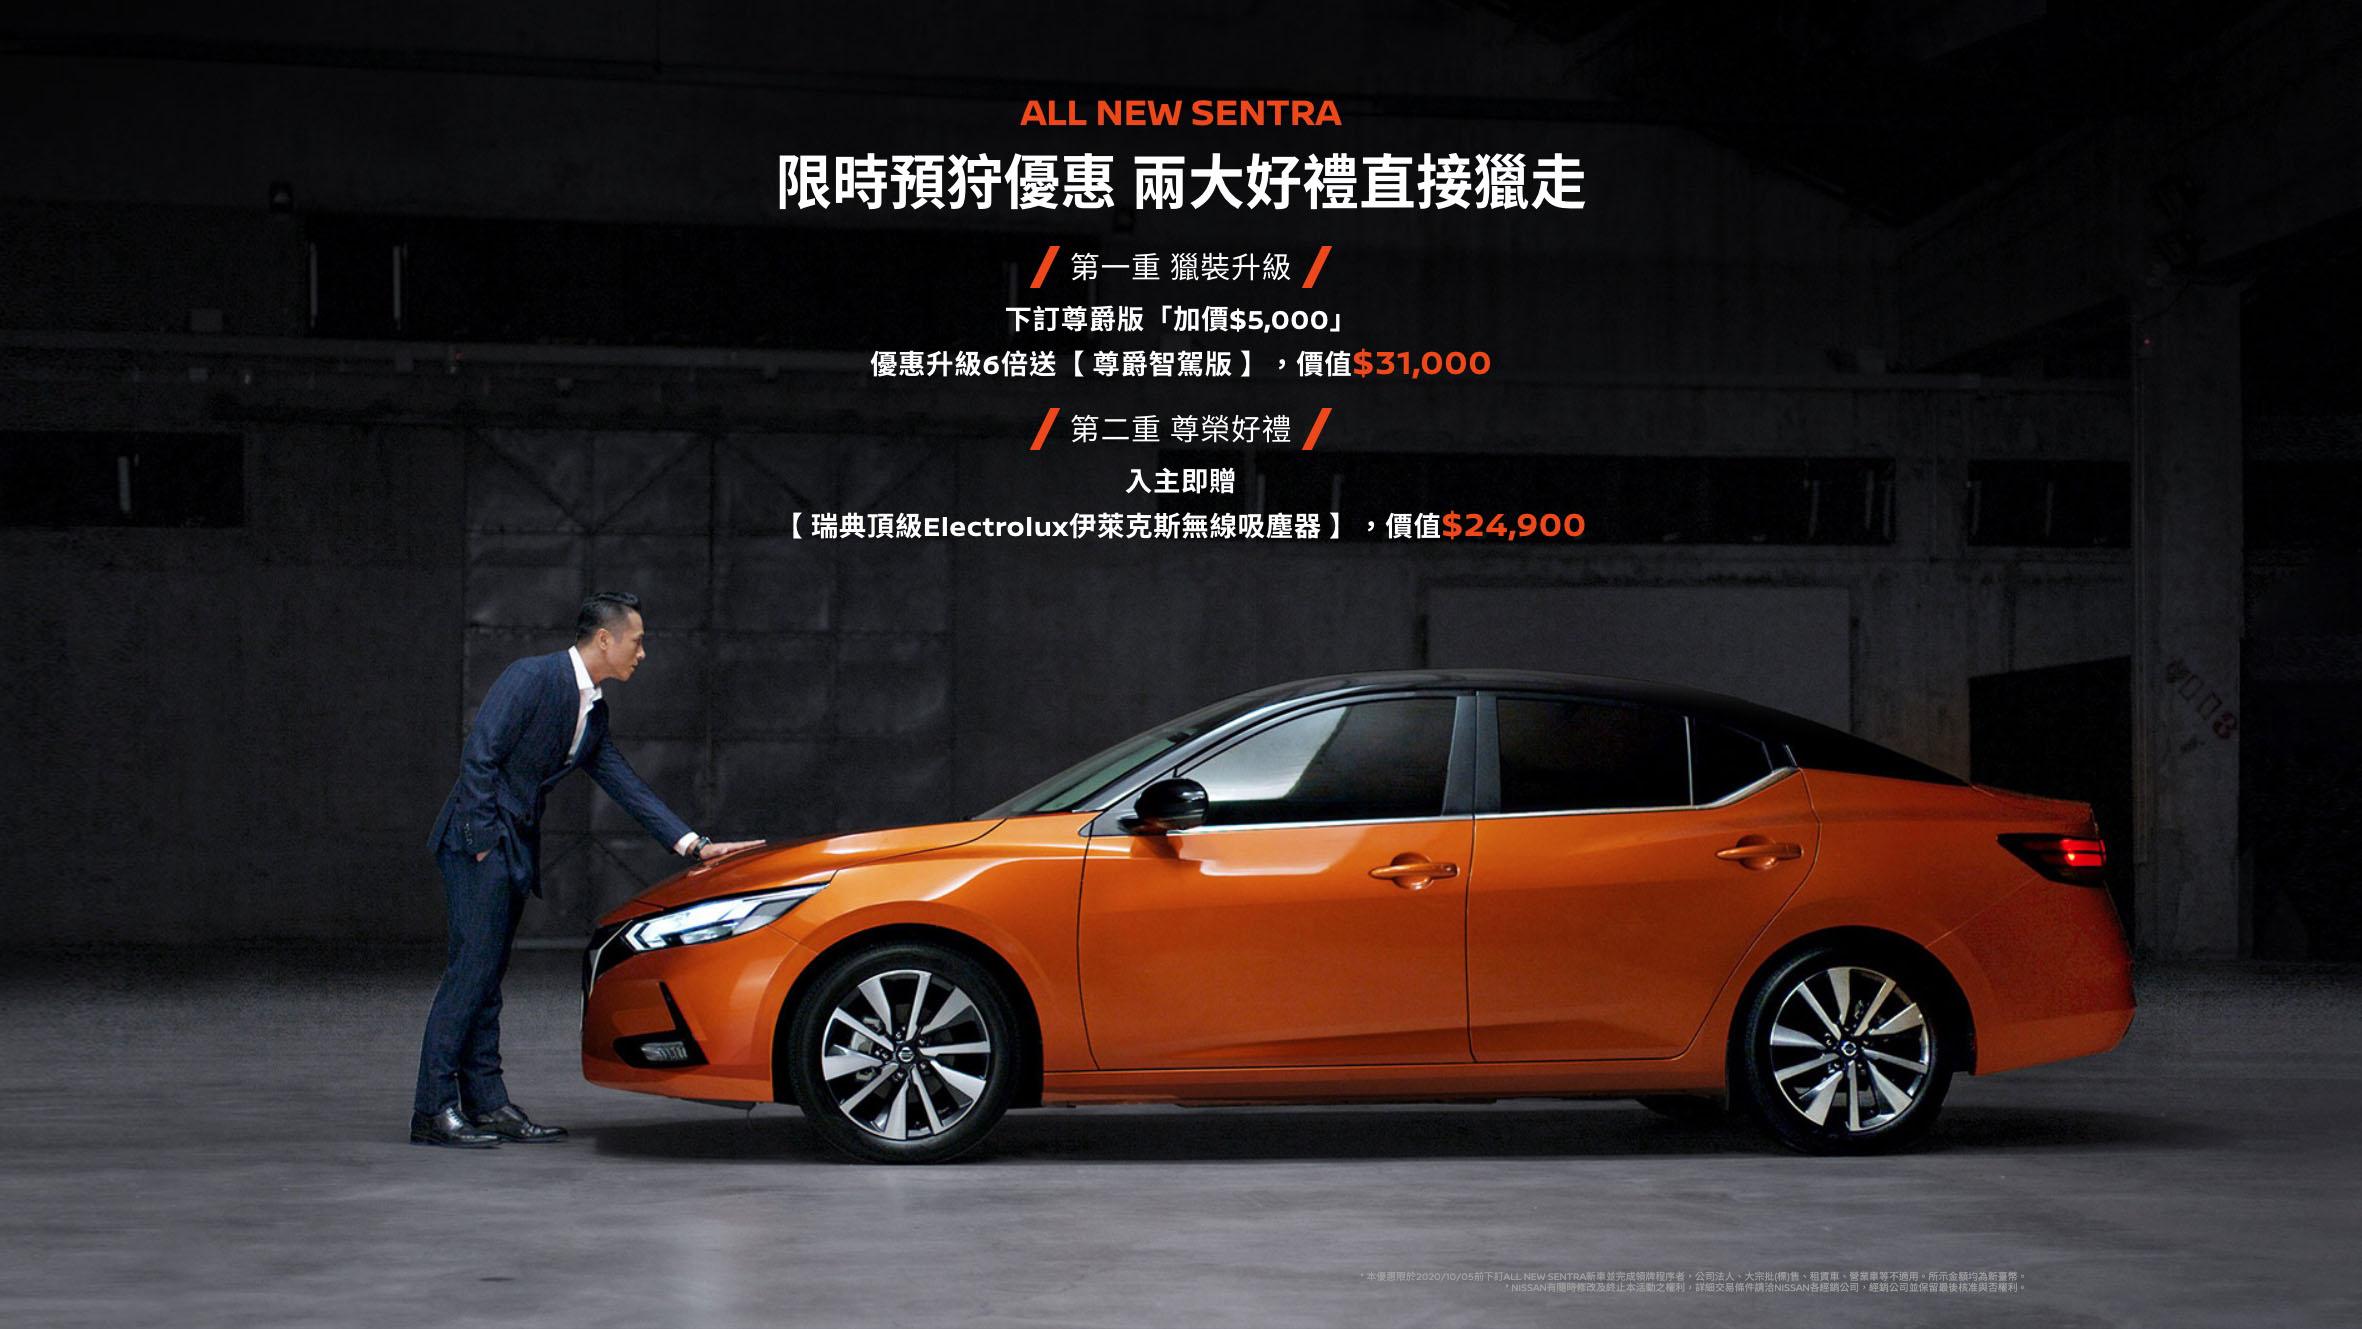 ▲ 【影】Nissan Sentra 微電影,實力派演員莊凱勛跨界出演